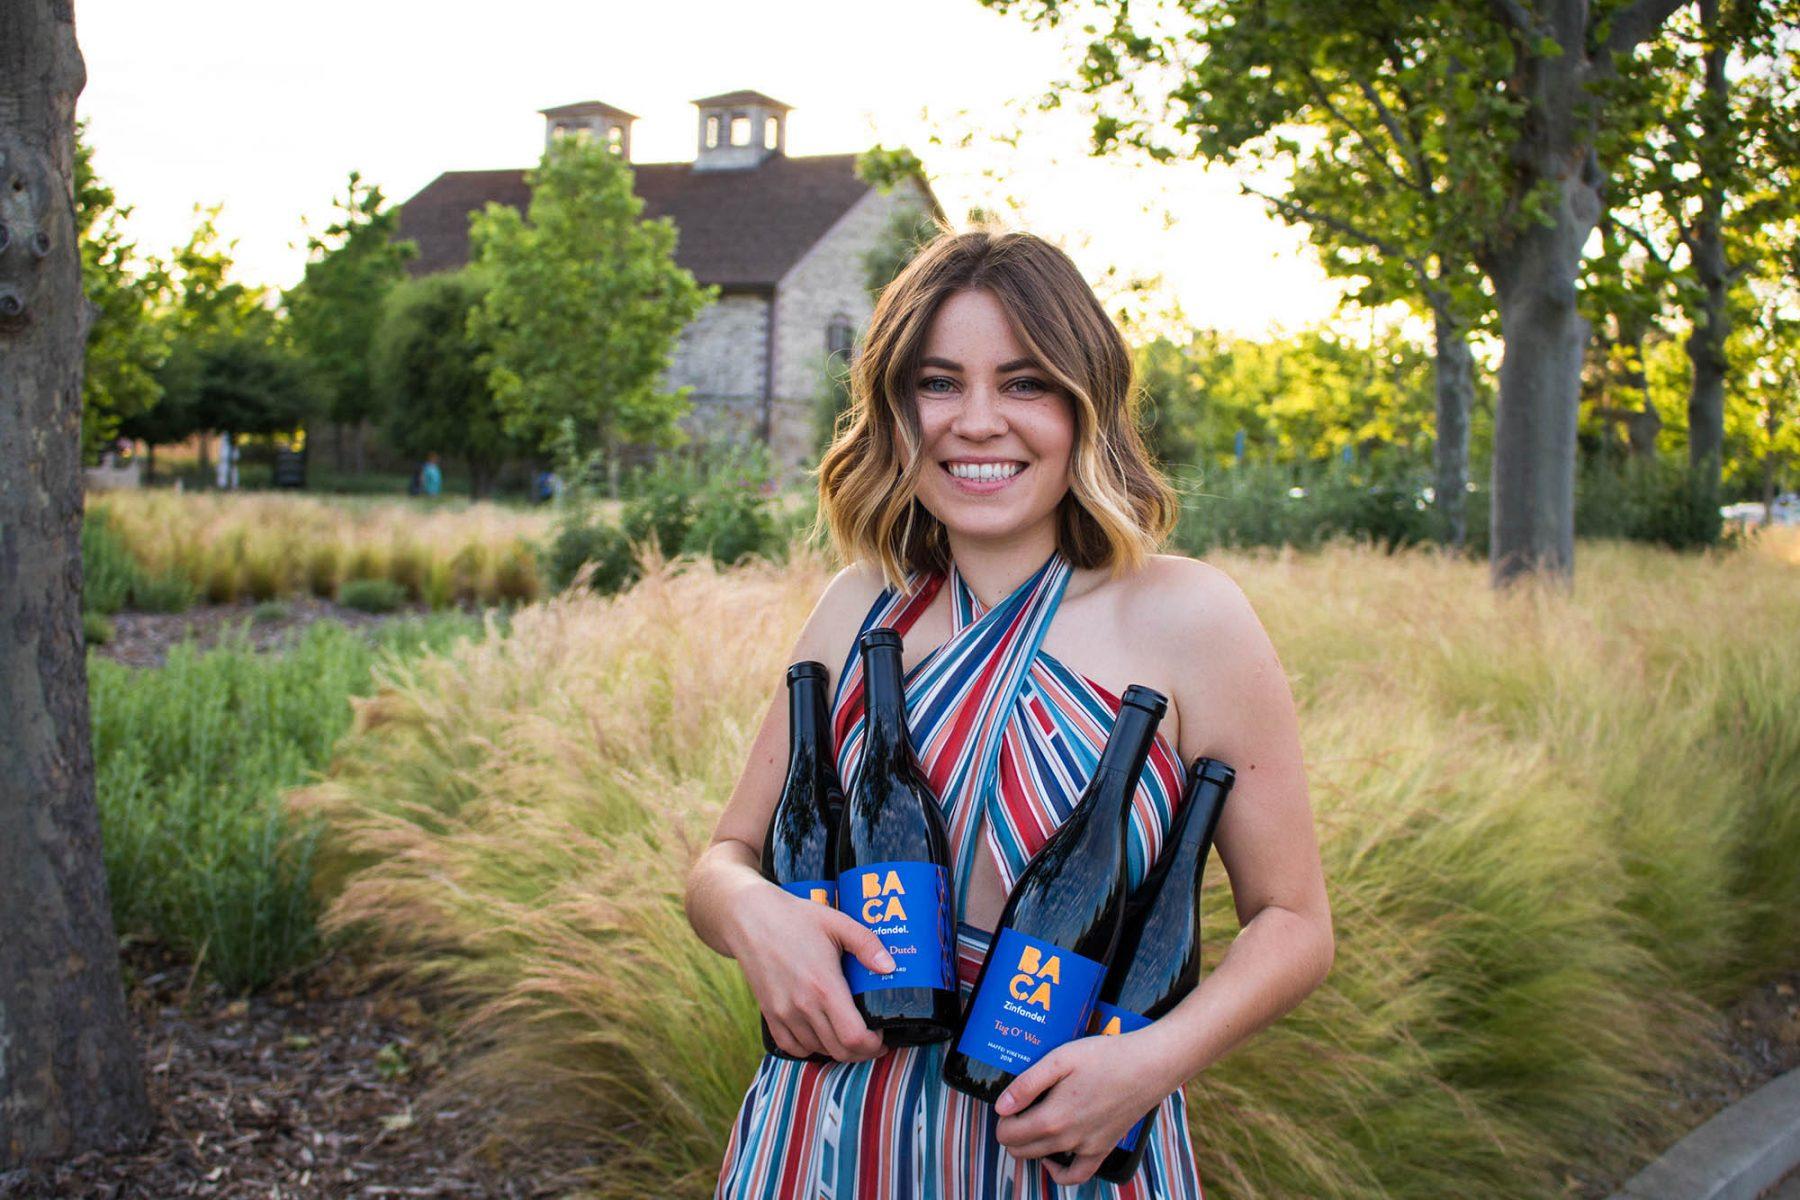 BACA Wines Release Party Zinfandel Napa Valley